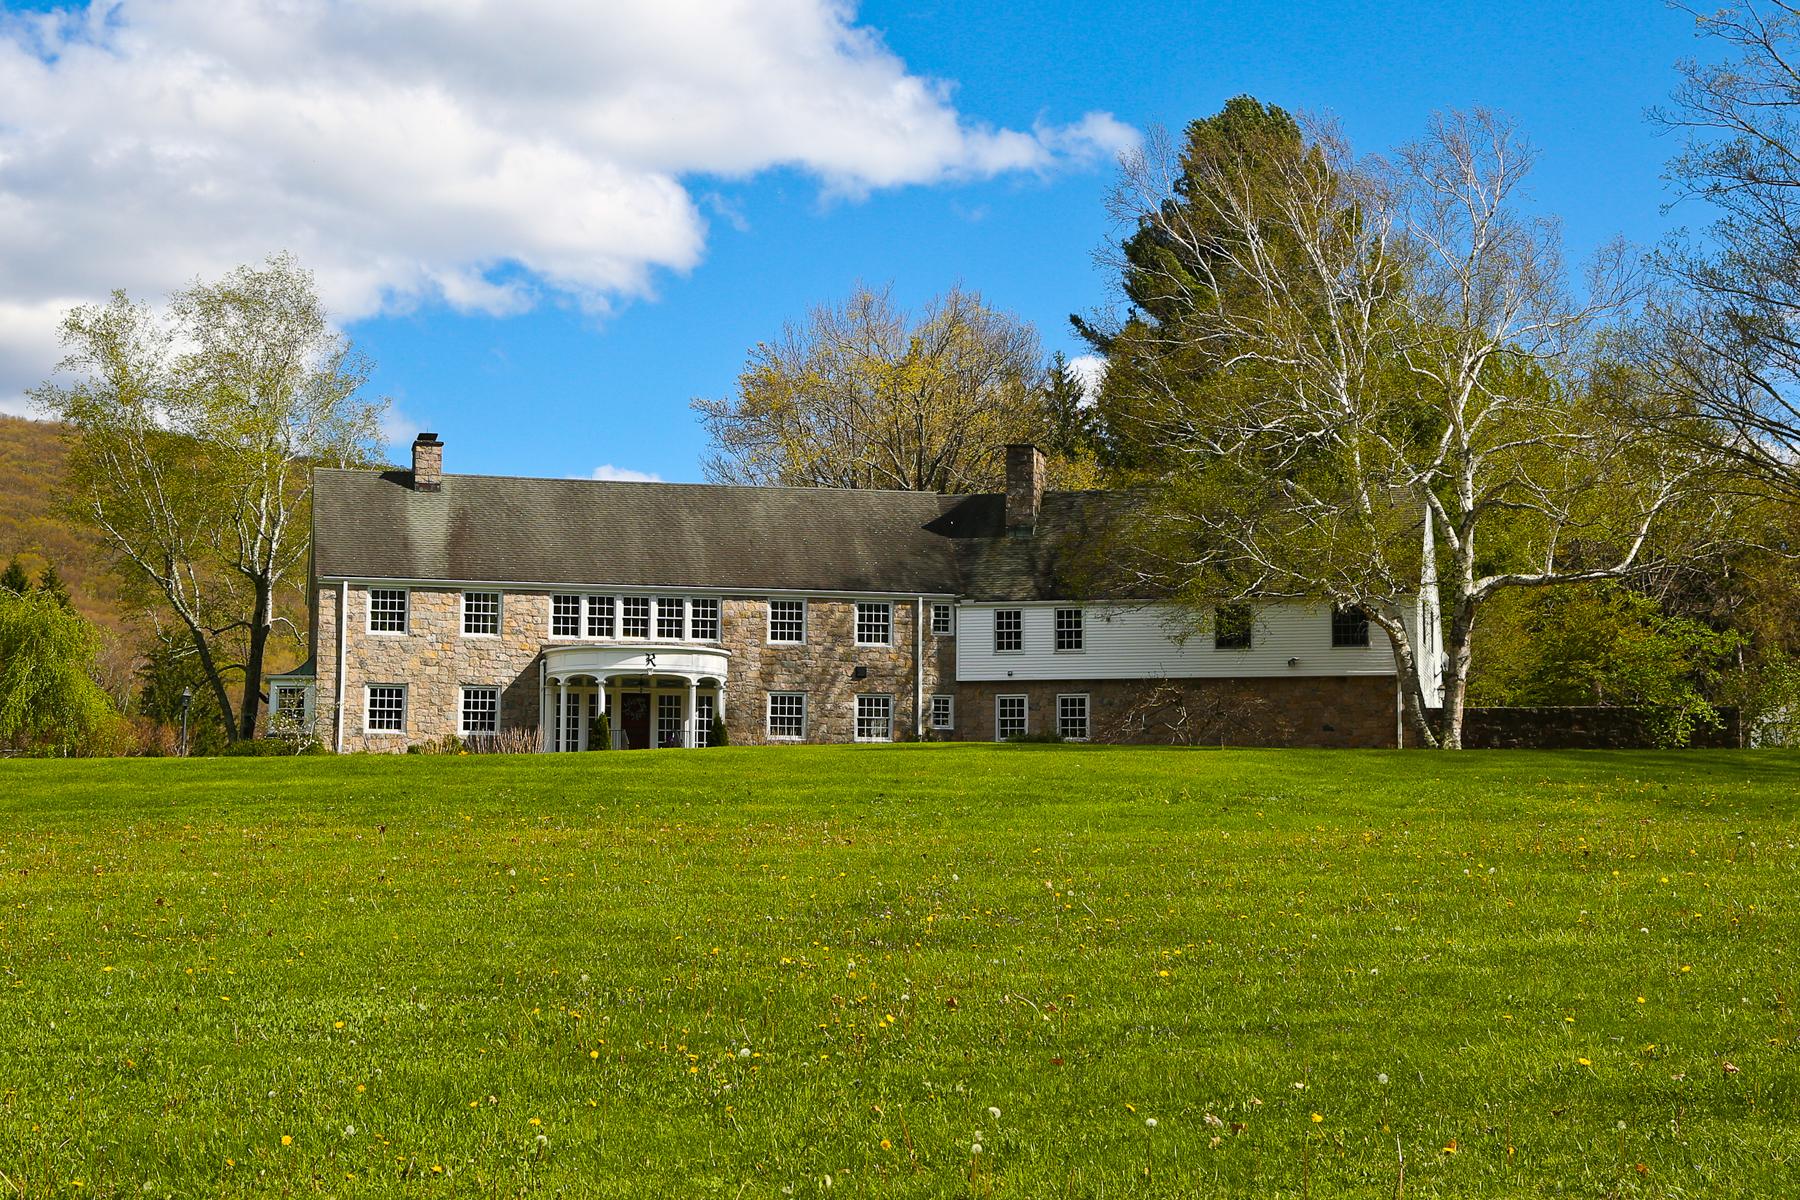 Casa Unifamiliar por un Venta en Gracious Sharon Estate 140 White Hollow Rd Sharon, Connecticut, 06069 Estados Unidos